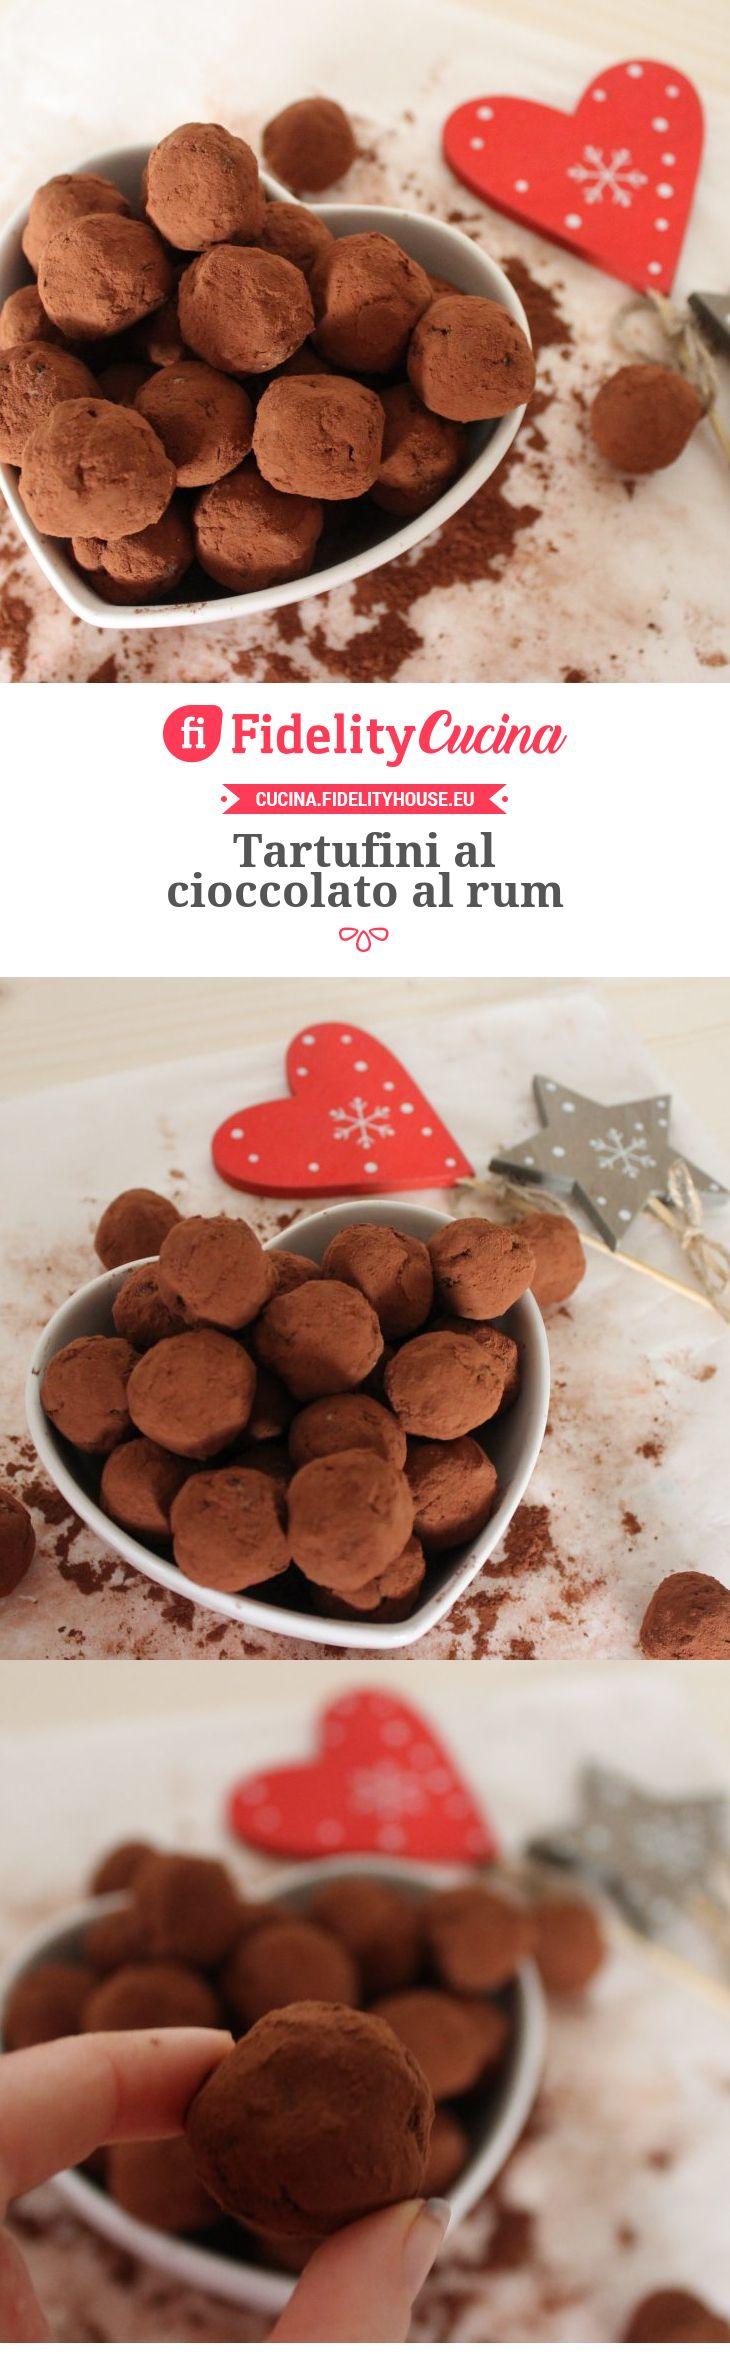 Tartufini al cioccolato al rum